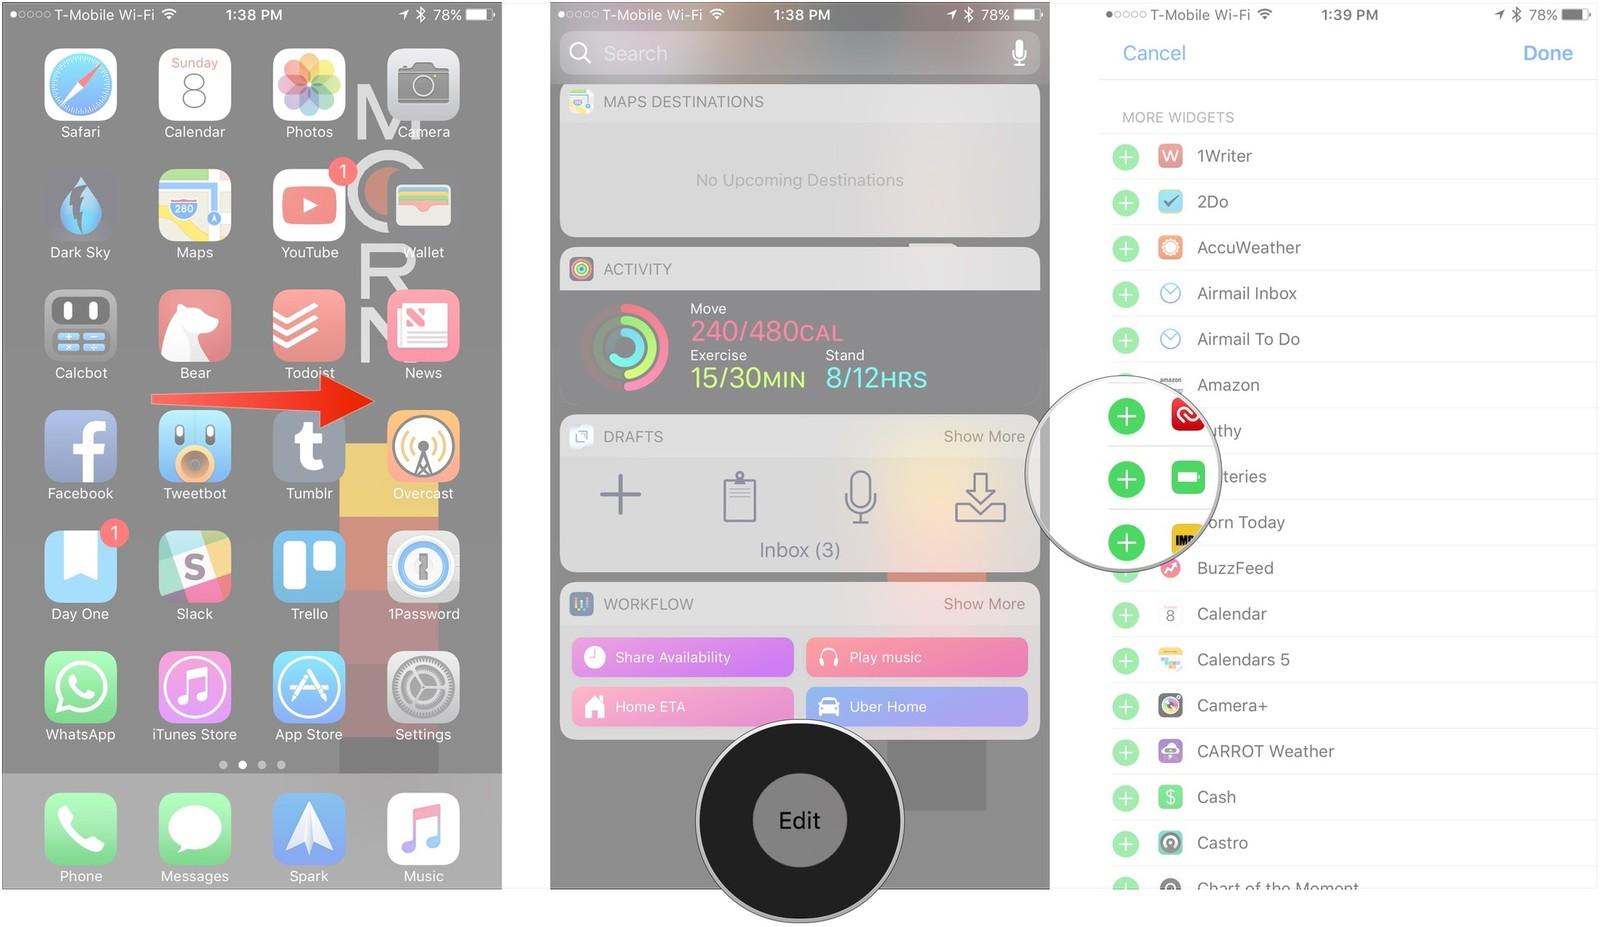 11 вещей которые должен знать каждый пользователь iPhone или iPad - добавляем виджеты